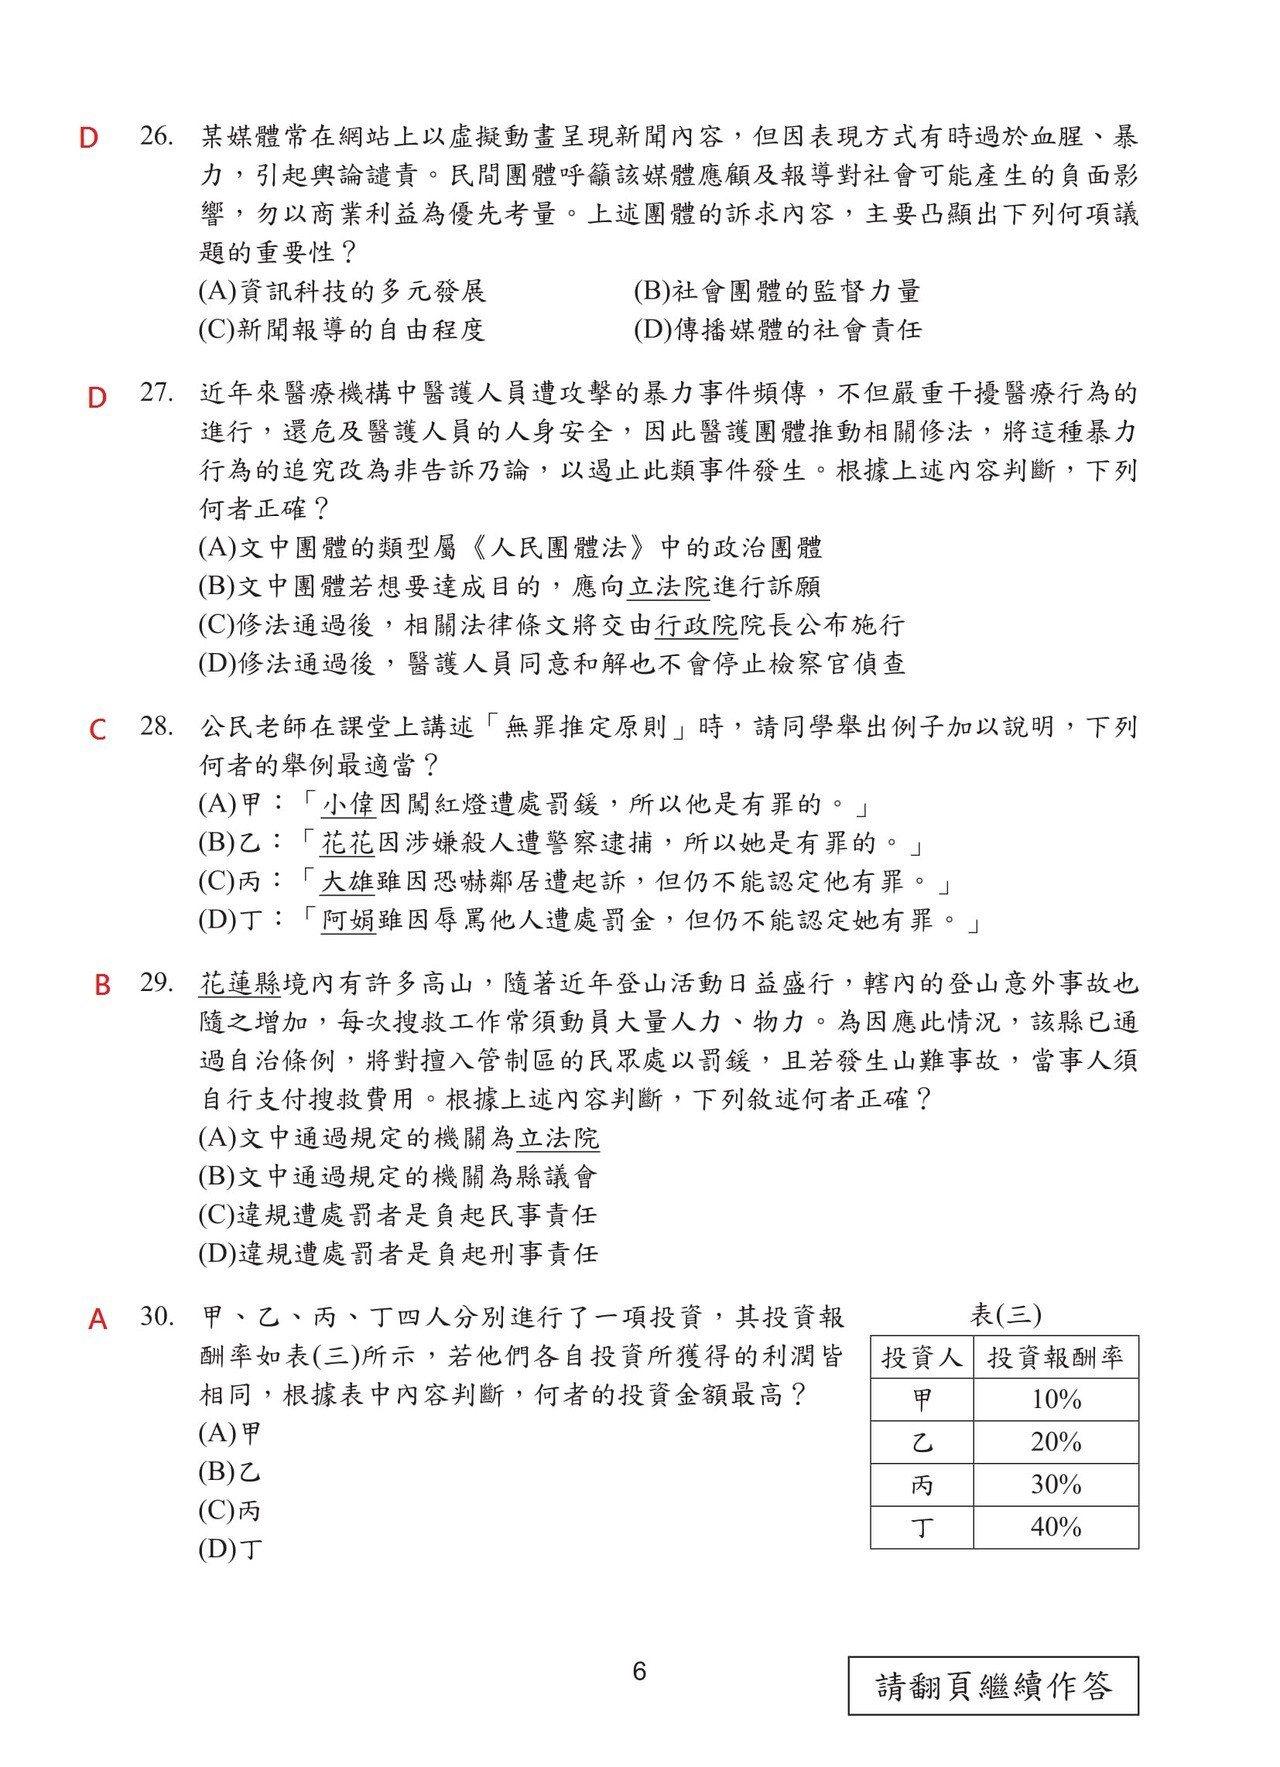 108國中會考社會科試題解答,第6頁。